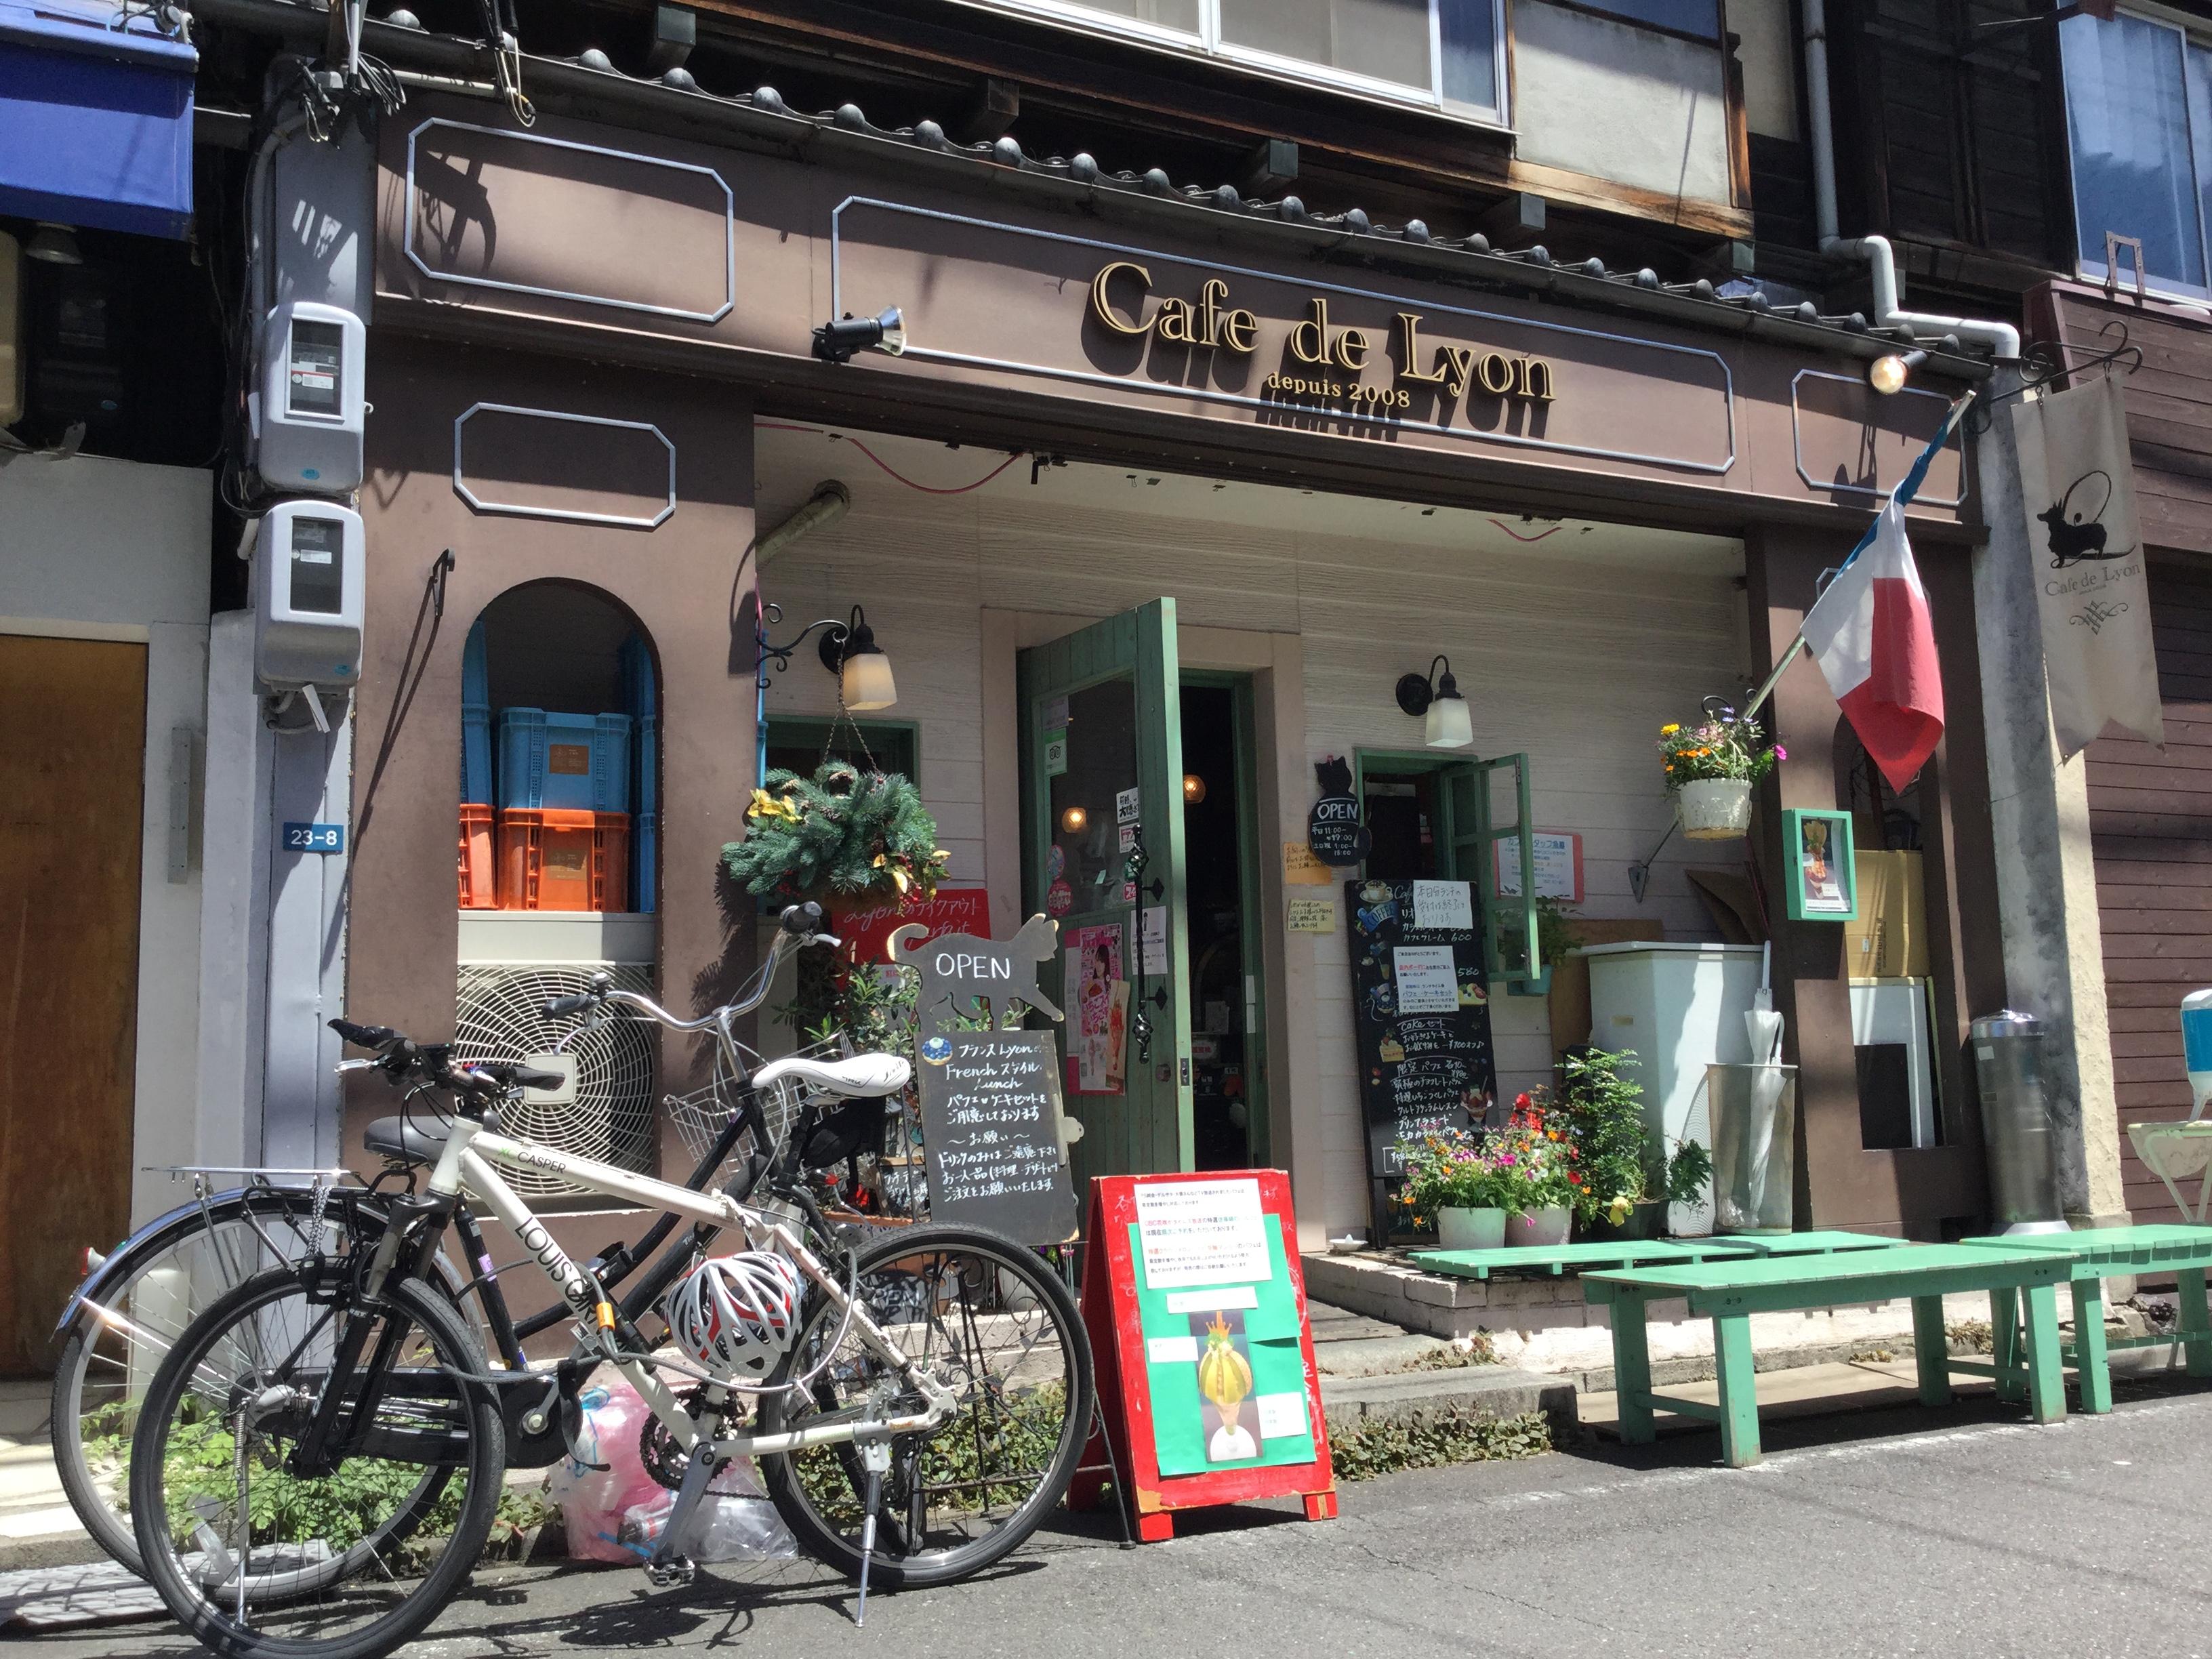 カフェドリオン cafe de lyon パフェ フルーツ